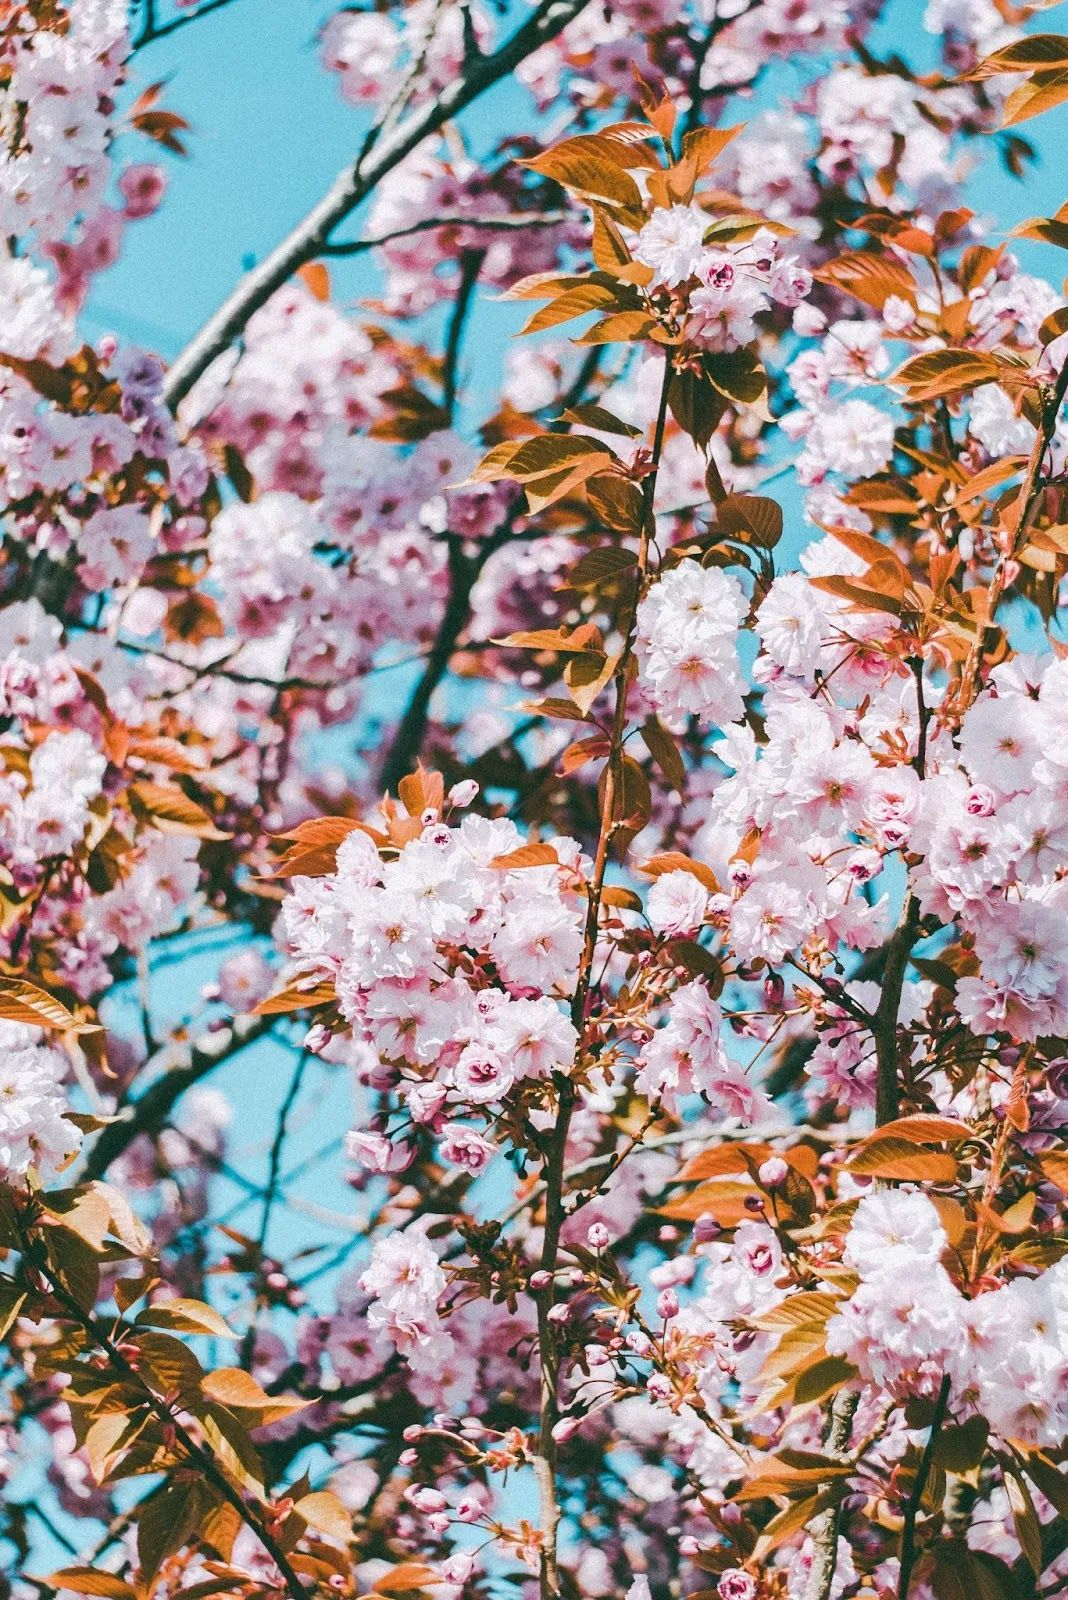 الأن خلفيات شاشة القفل اتش دي Hd Lock Screen Wallpapers In 2020 Cherry Blossom Wallpaper Cherry Blossom Flowers Backgrounds Phone Wallpapers